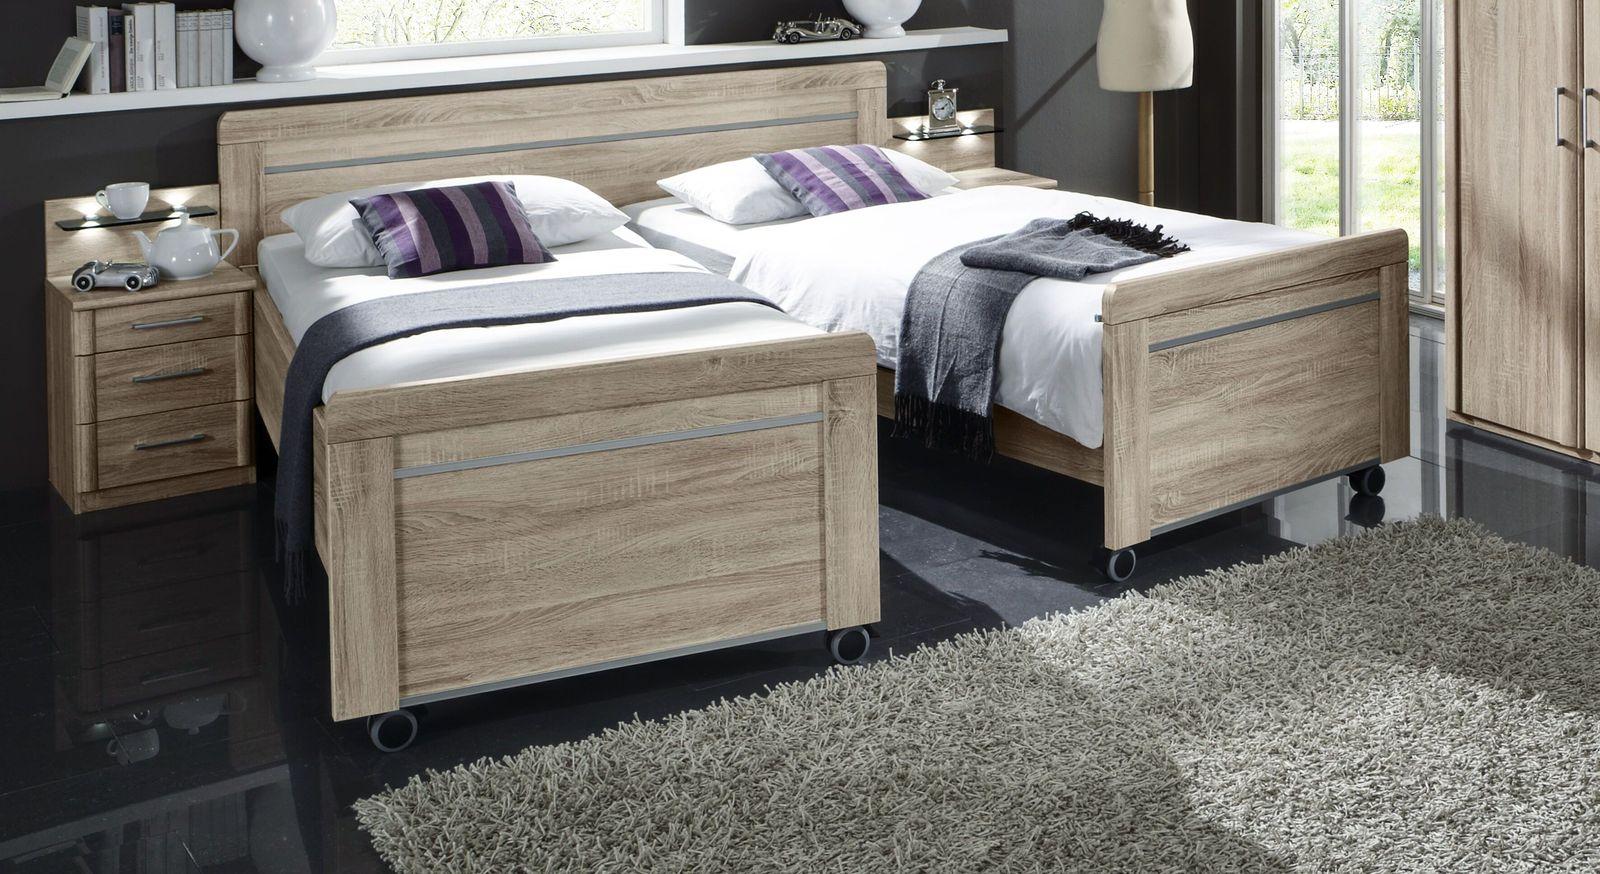 Funktions-Seniorenbett mit praktischem zweigeteiltem Fußende